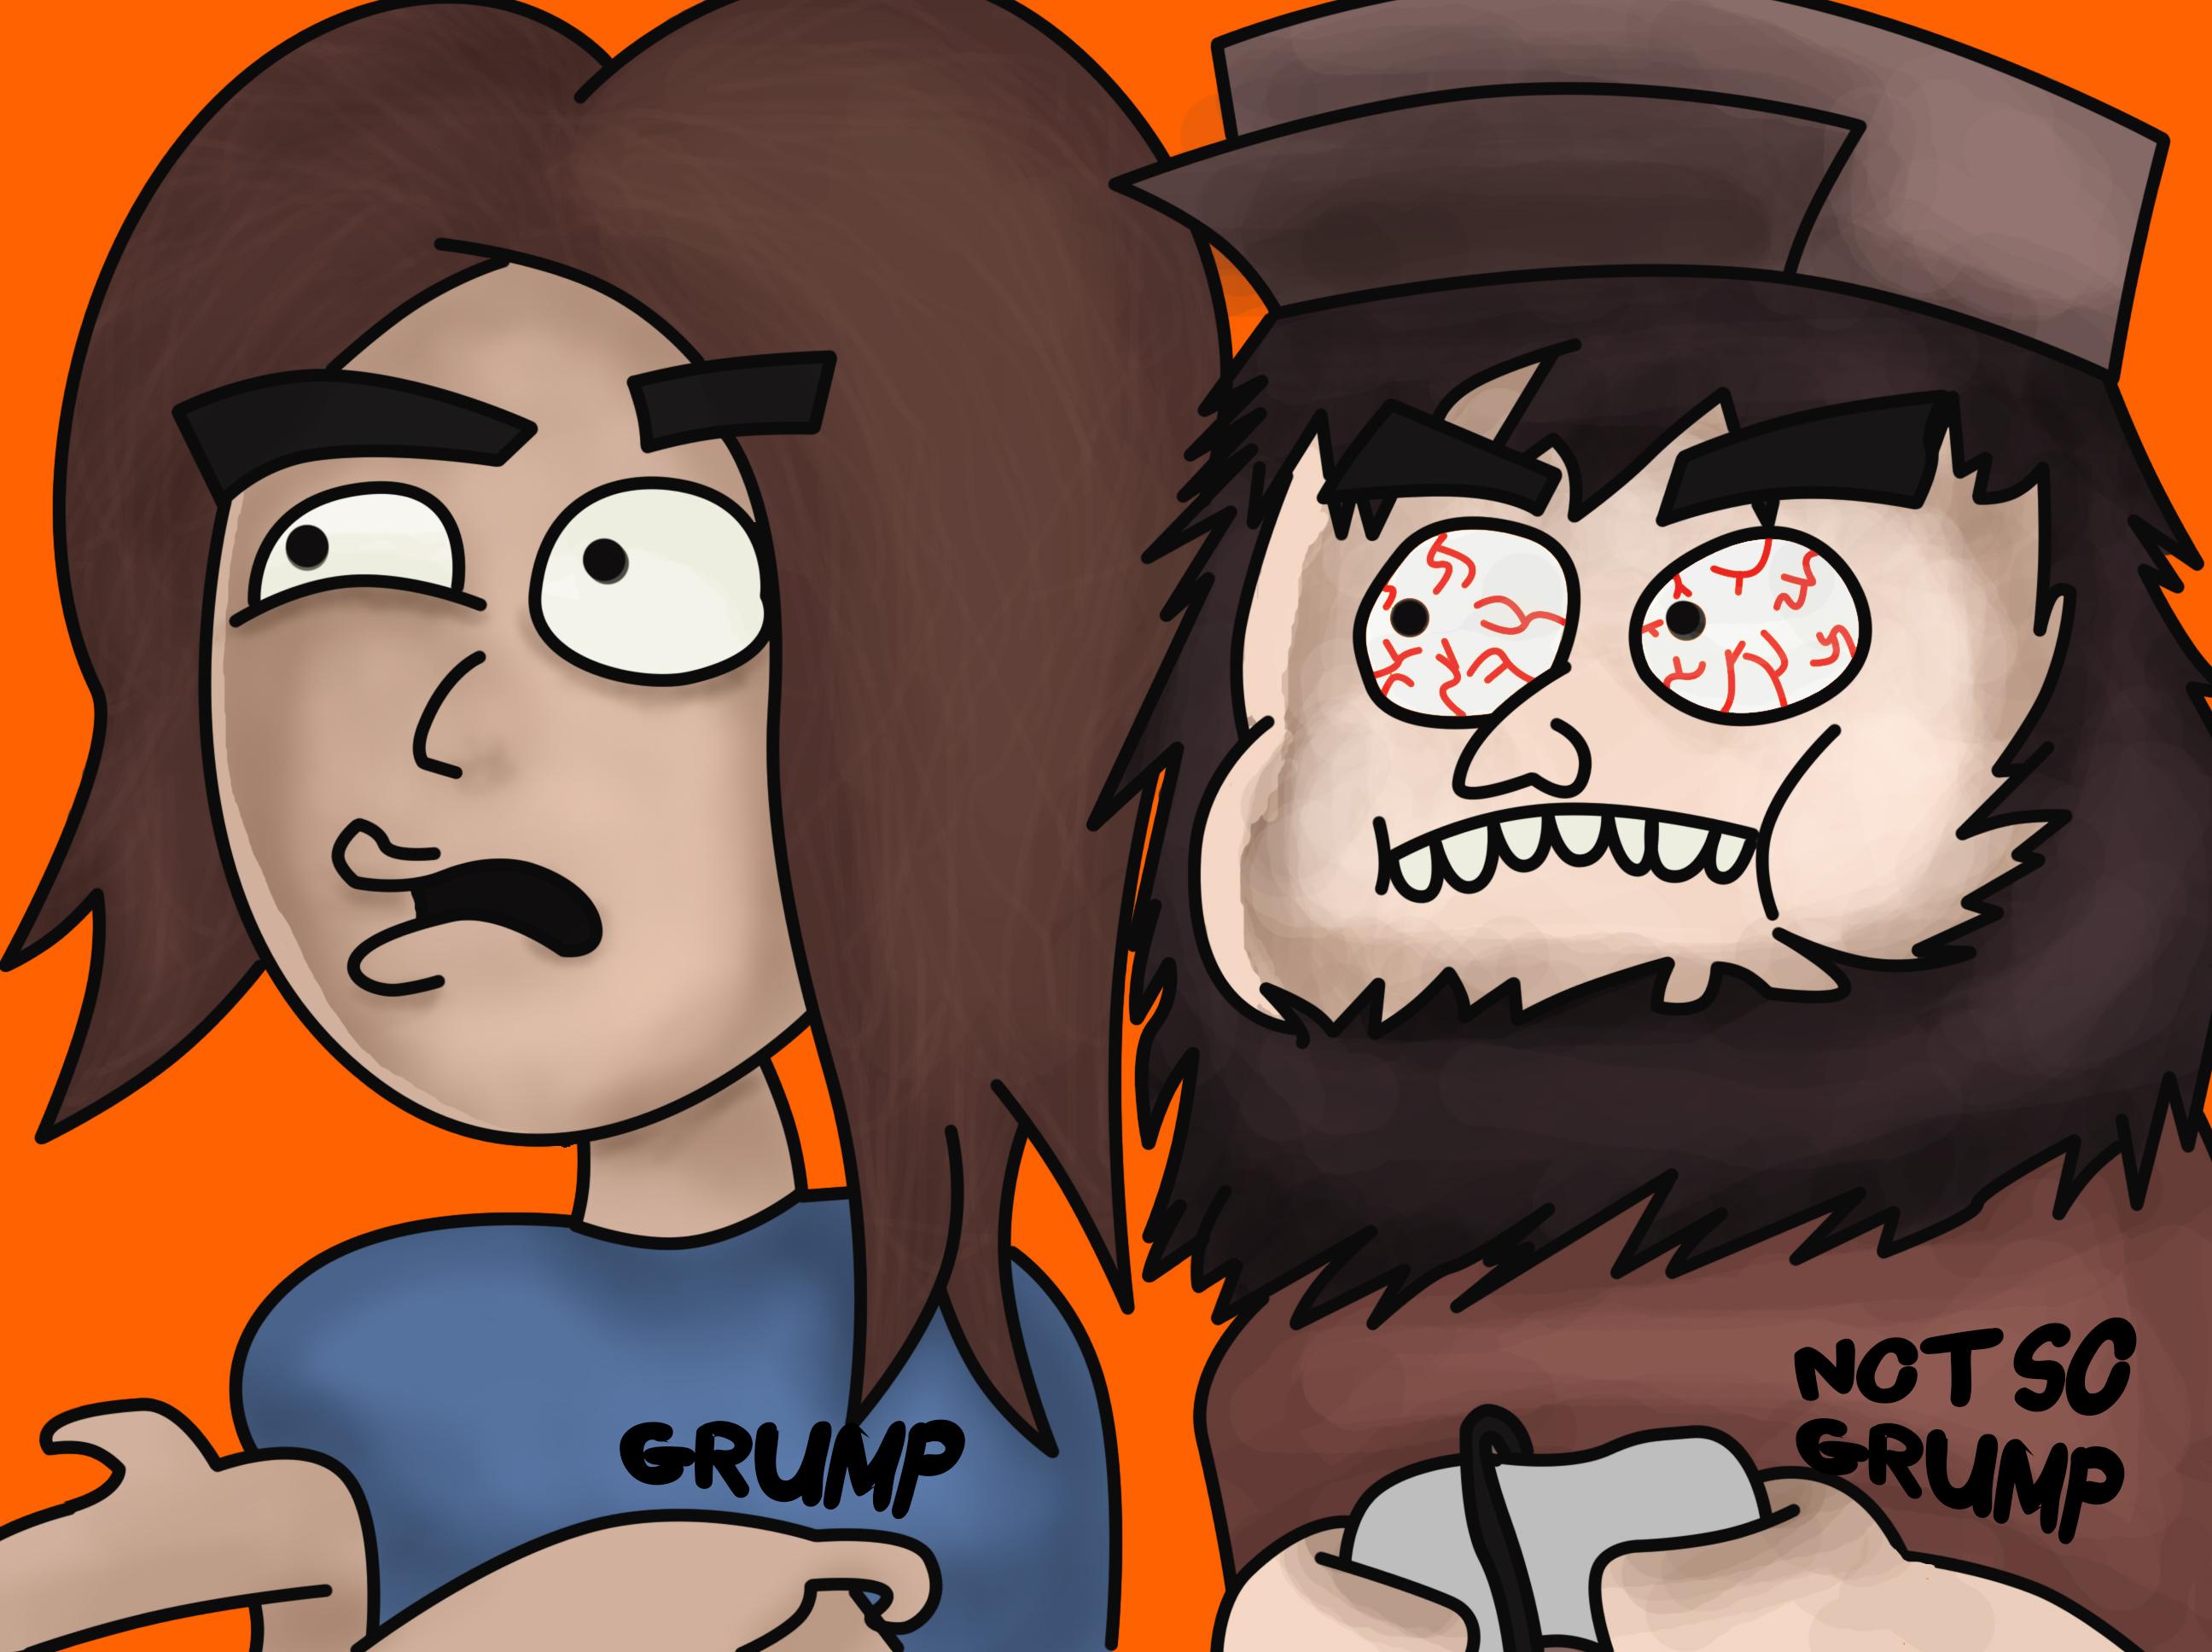 Game Grumps - Jon and Arin